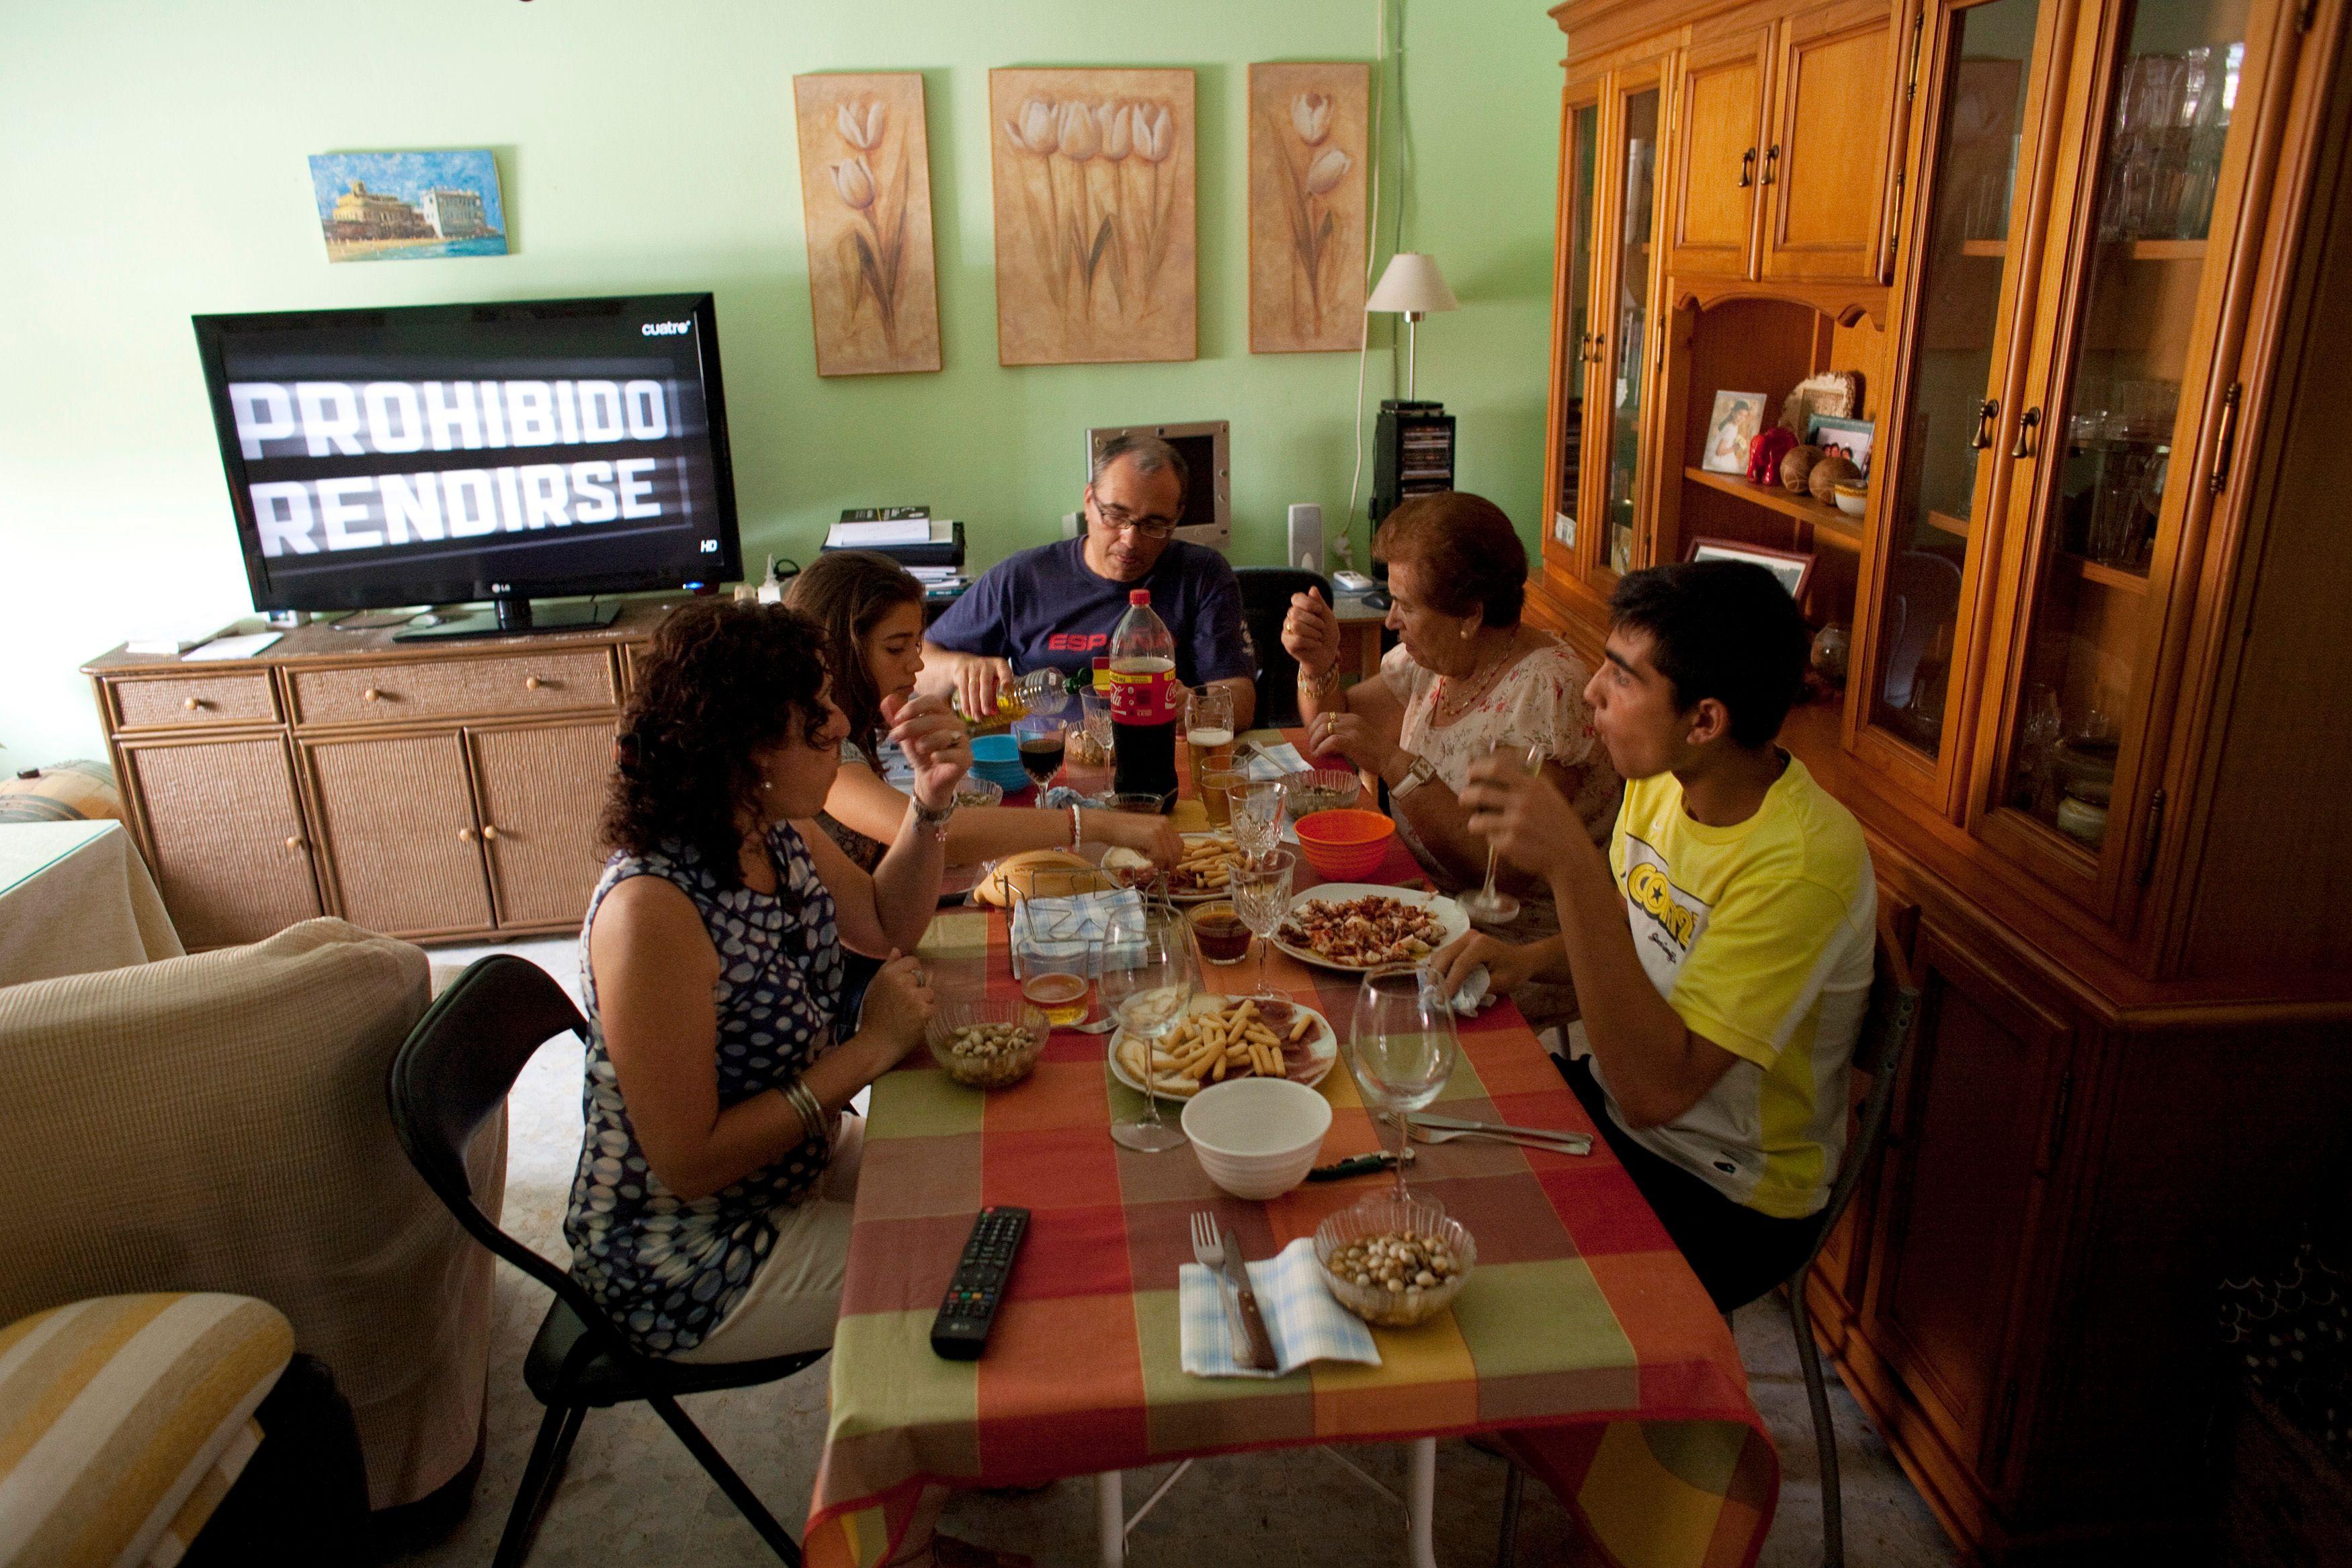 Les parents consacrent de moins en moins de temps à la préparation des repas.